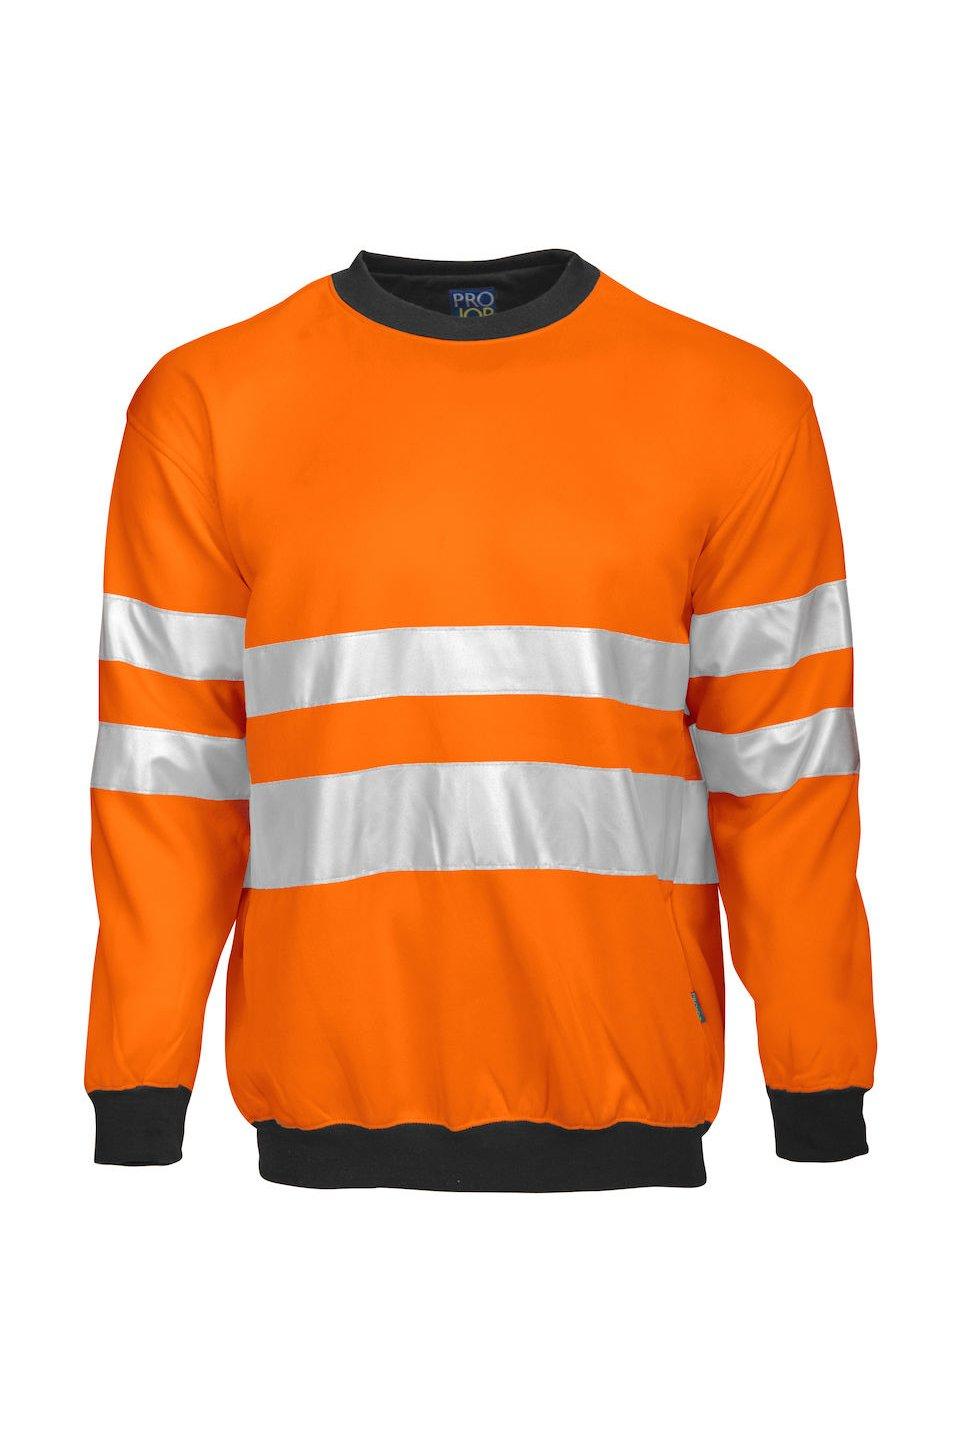 Sweatshirt EN ISO 20471 Klasse 3, gelb/schwarz